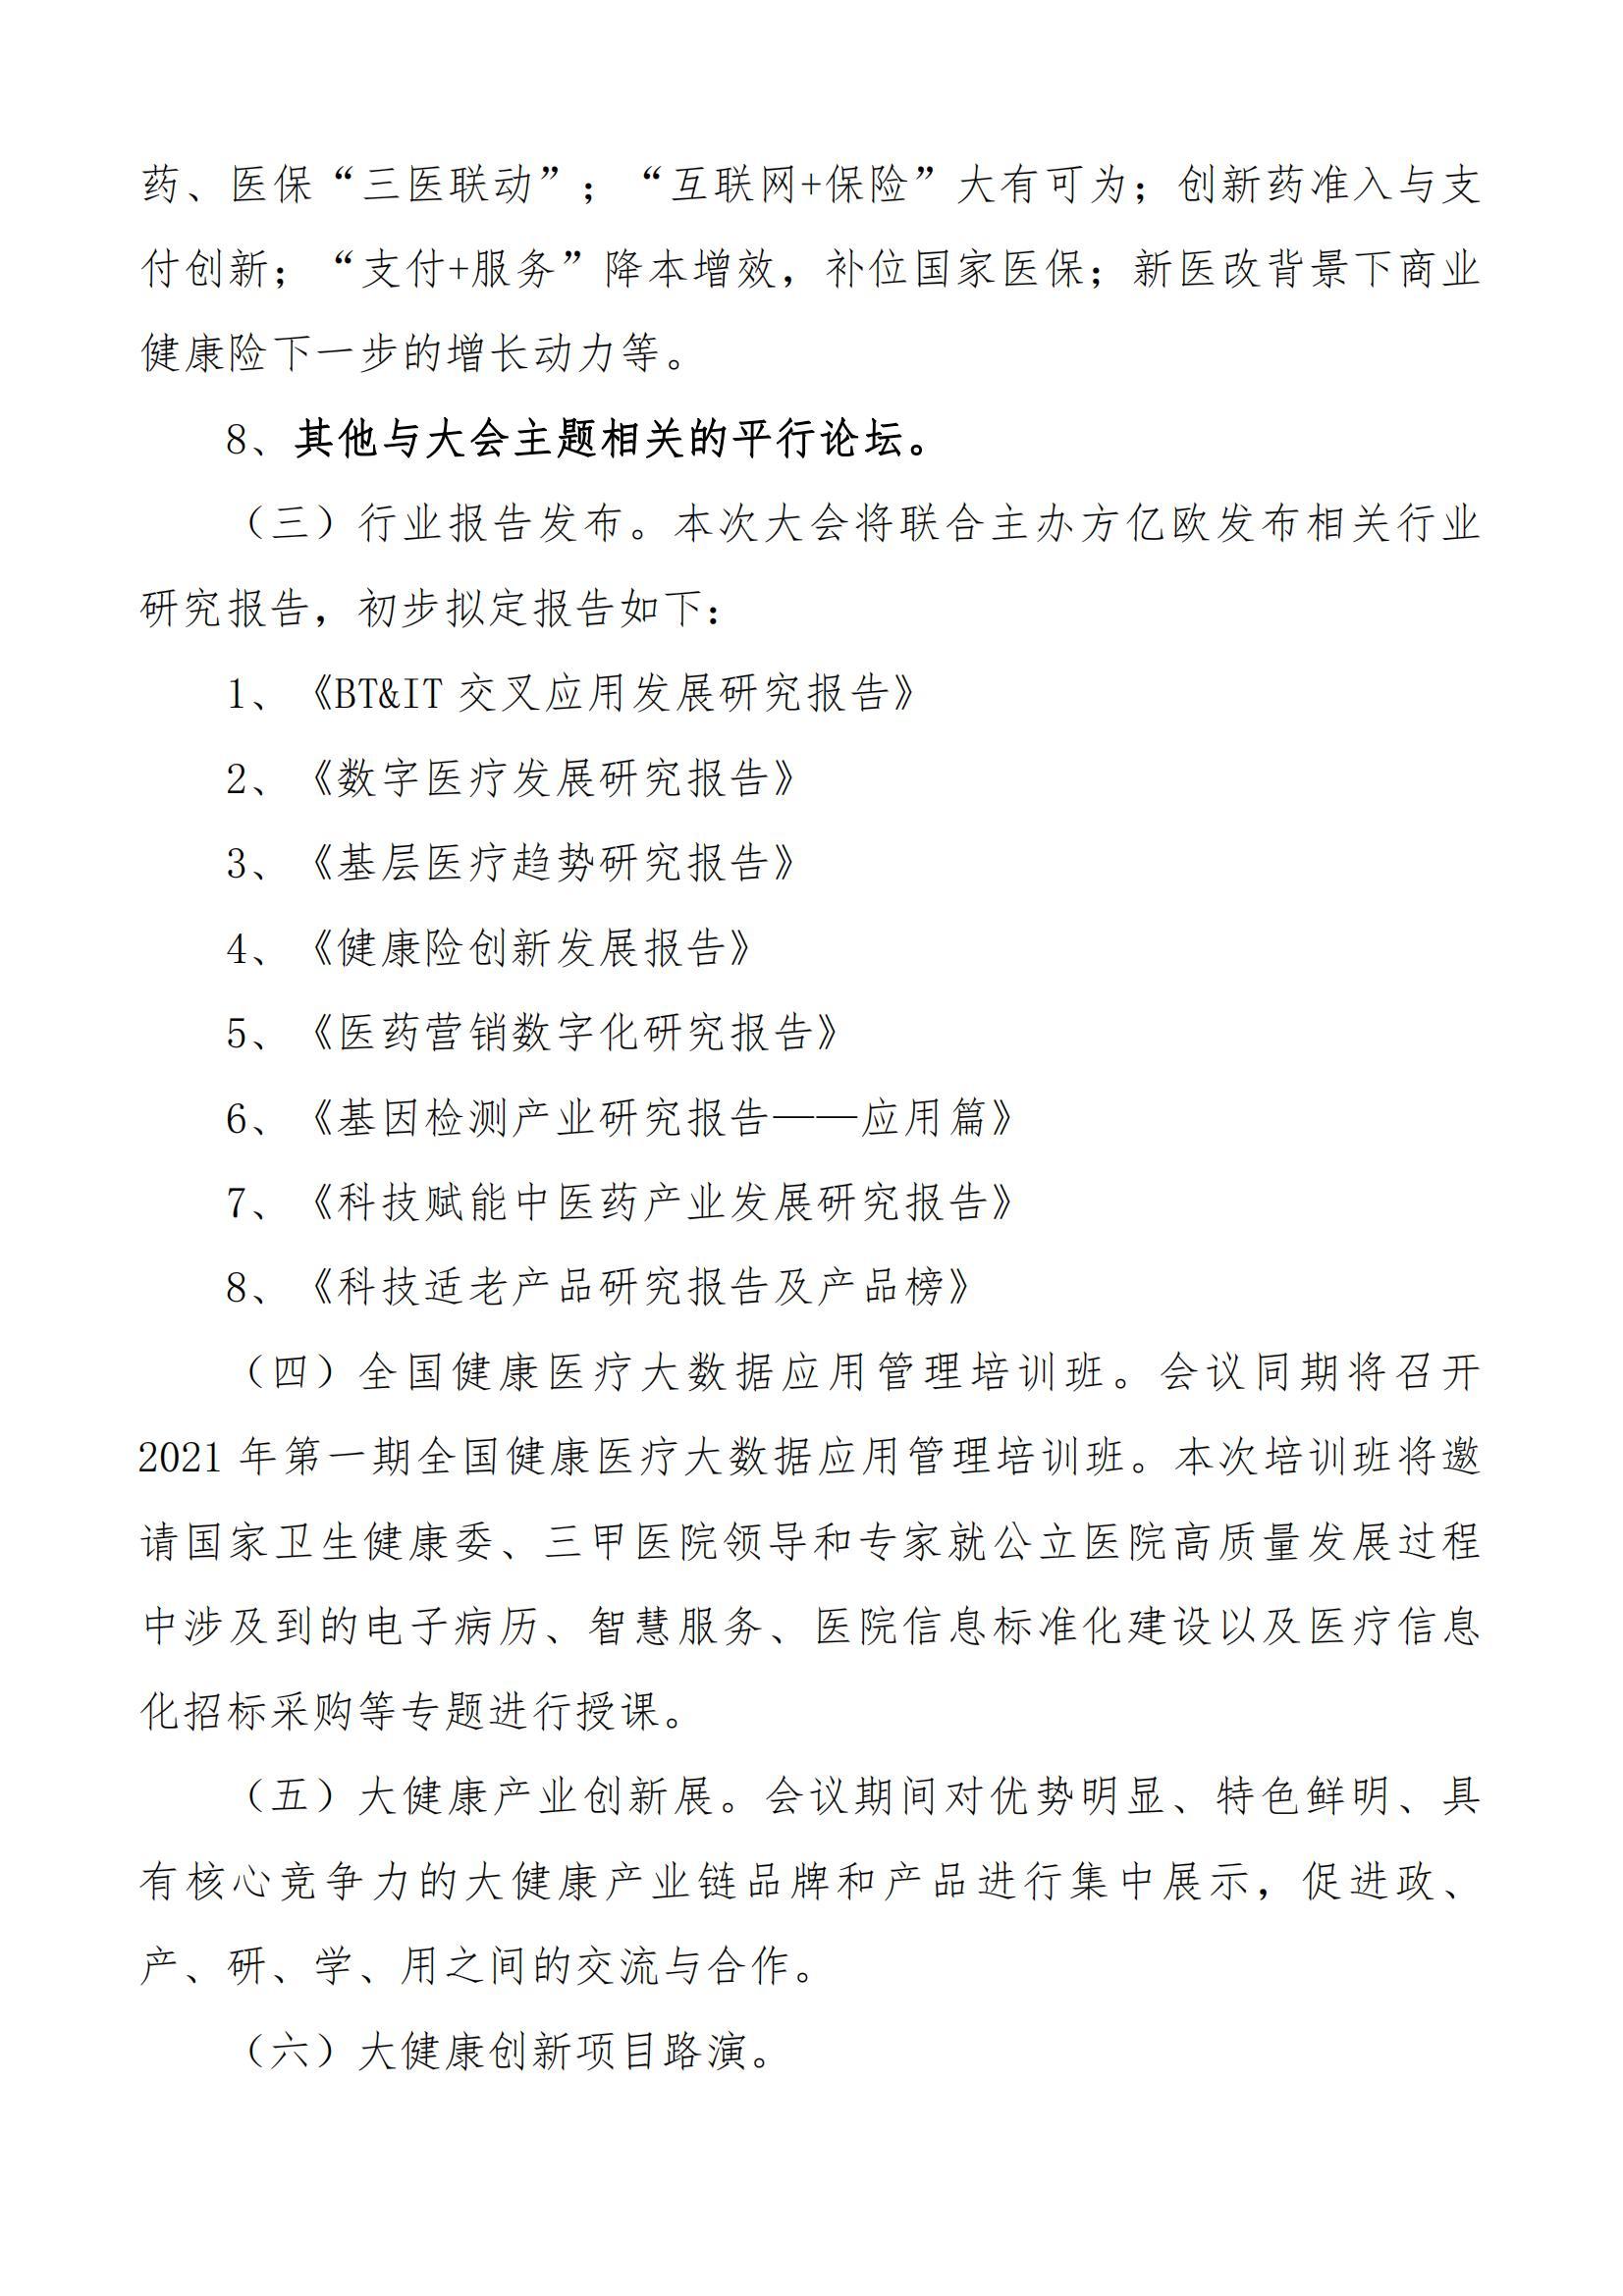 第六届中国大健康产业升级峰会的通知(1)(1)_03.jpg